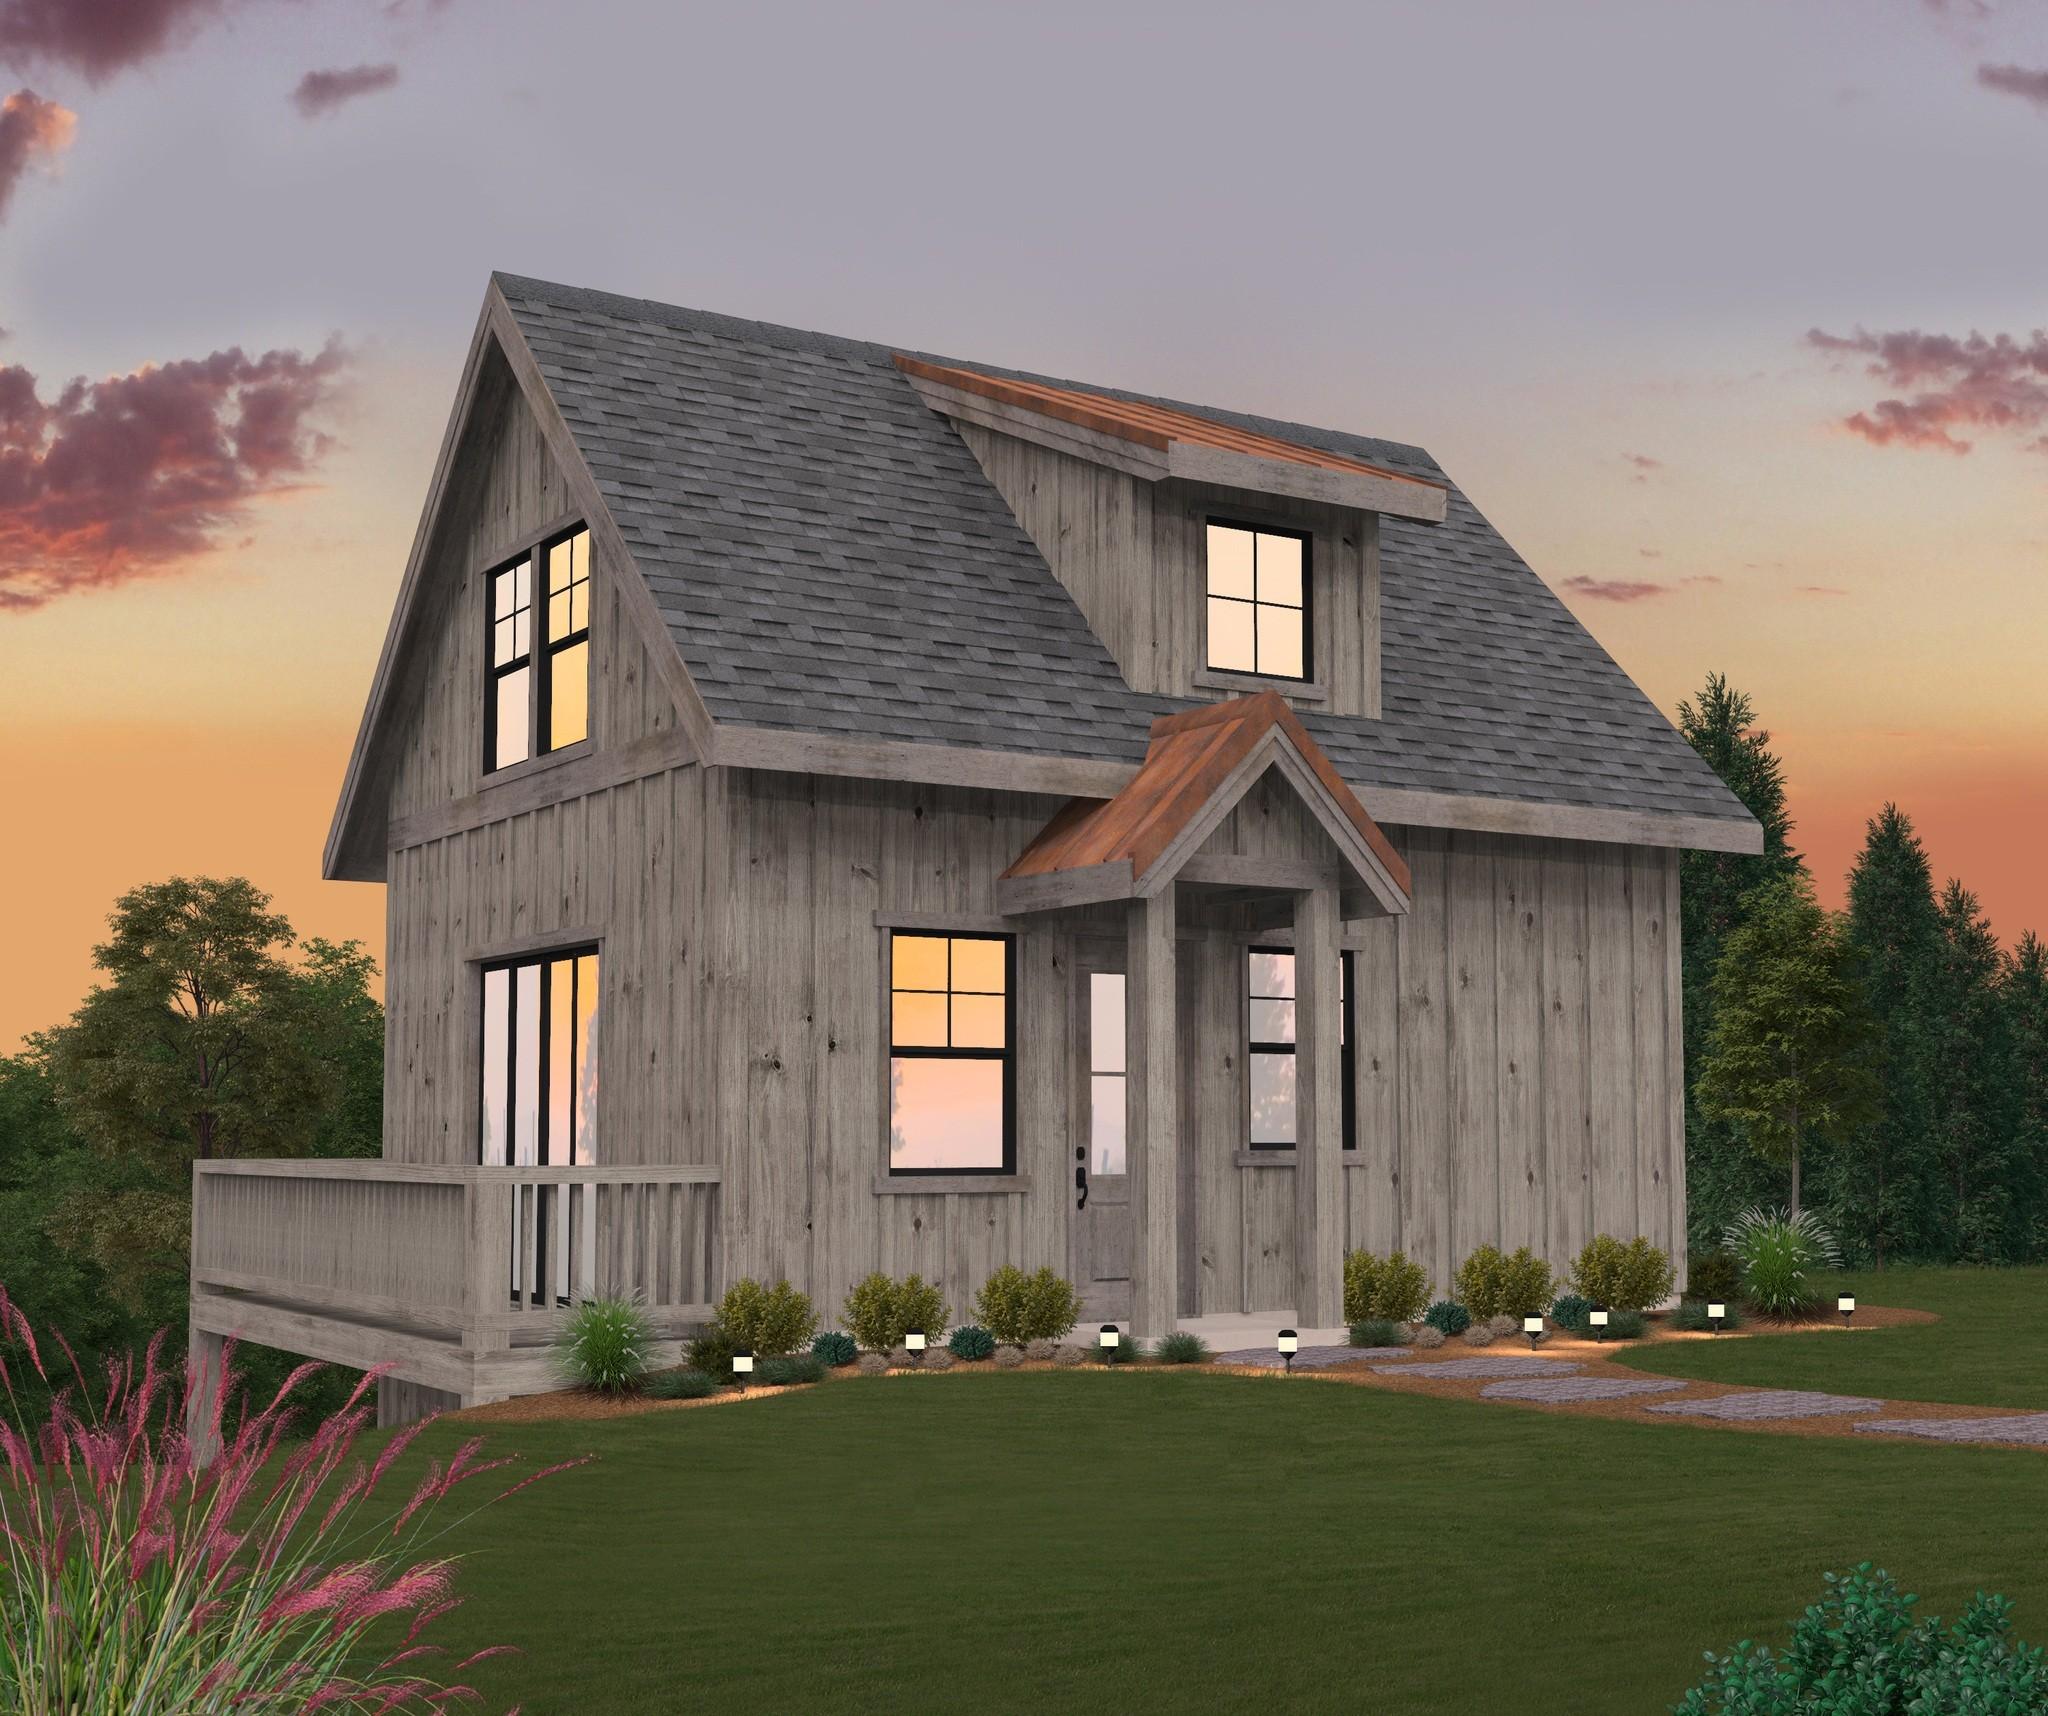 Modern Small Barnhouse Plans with Photos   Berd Barn House ...